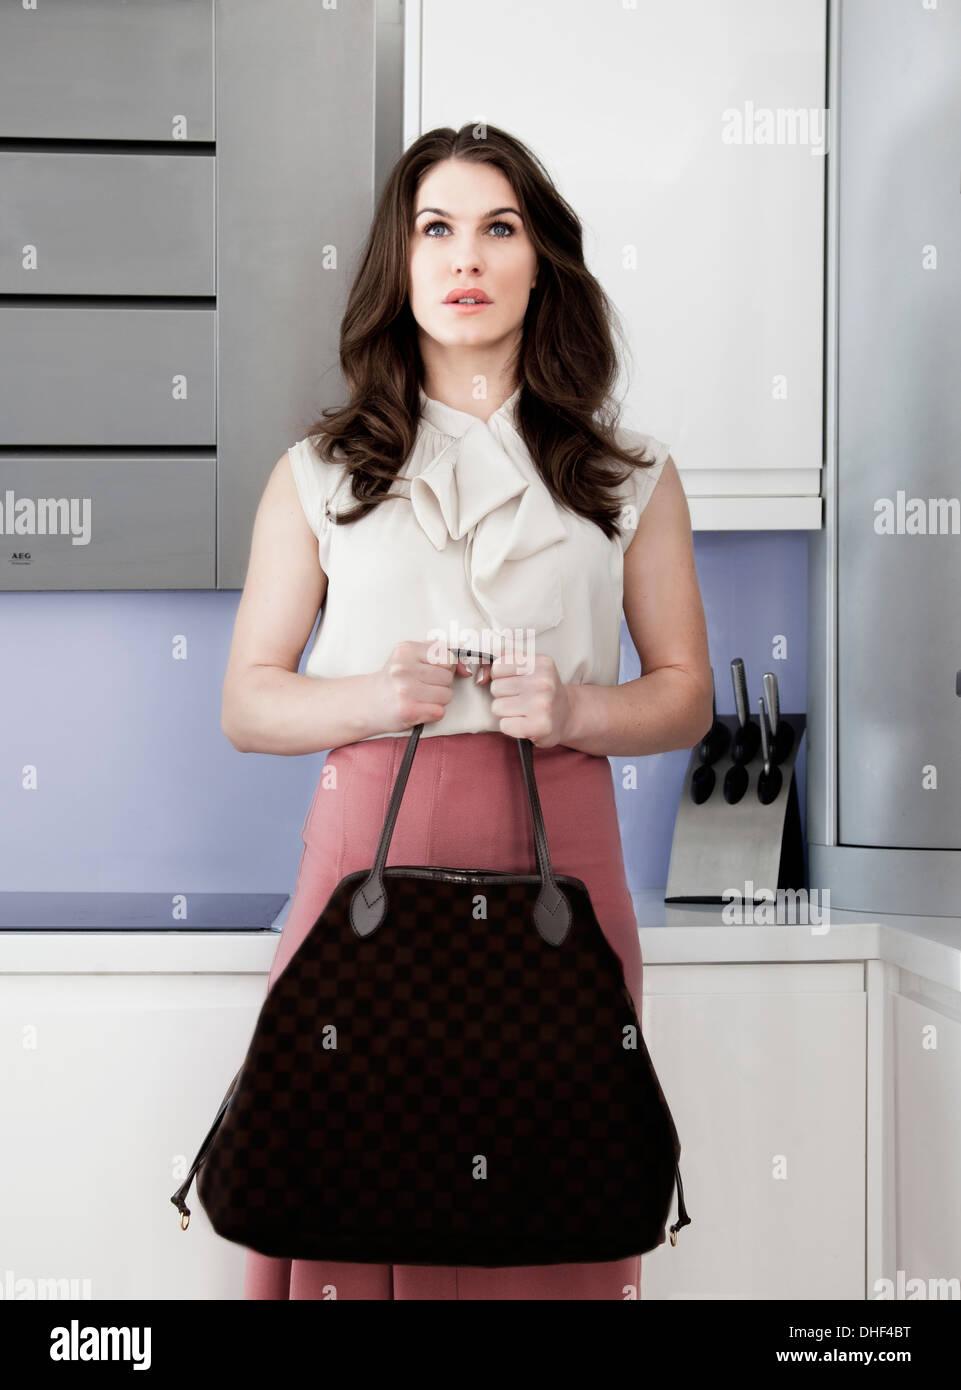 Ritratto di giovane donna holding borsetta con espressione vuota Immagini Stock